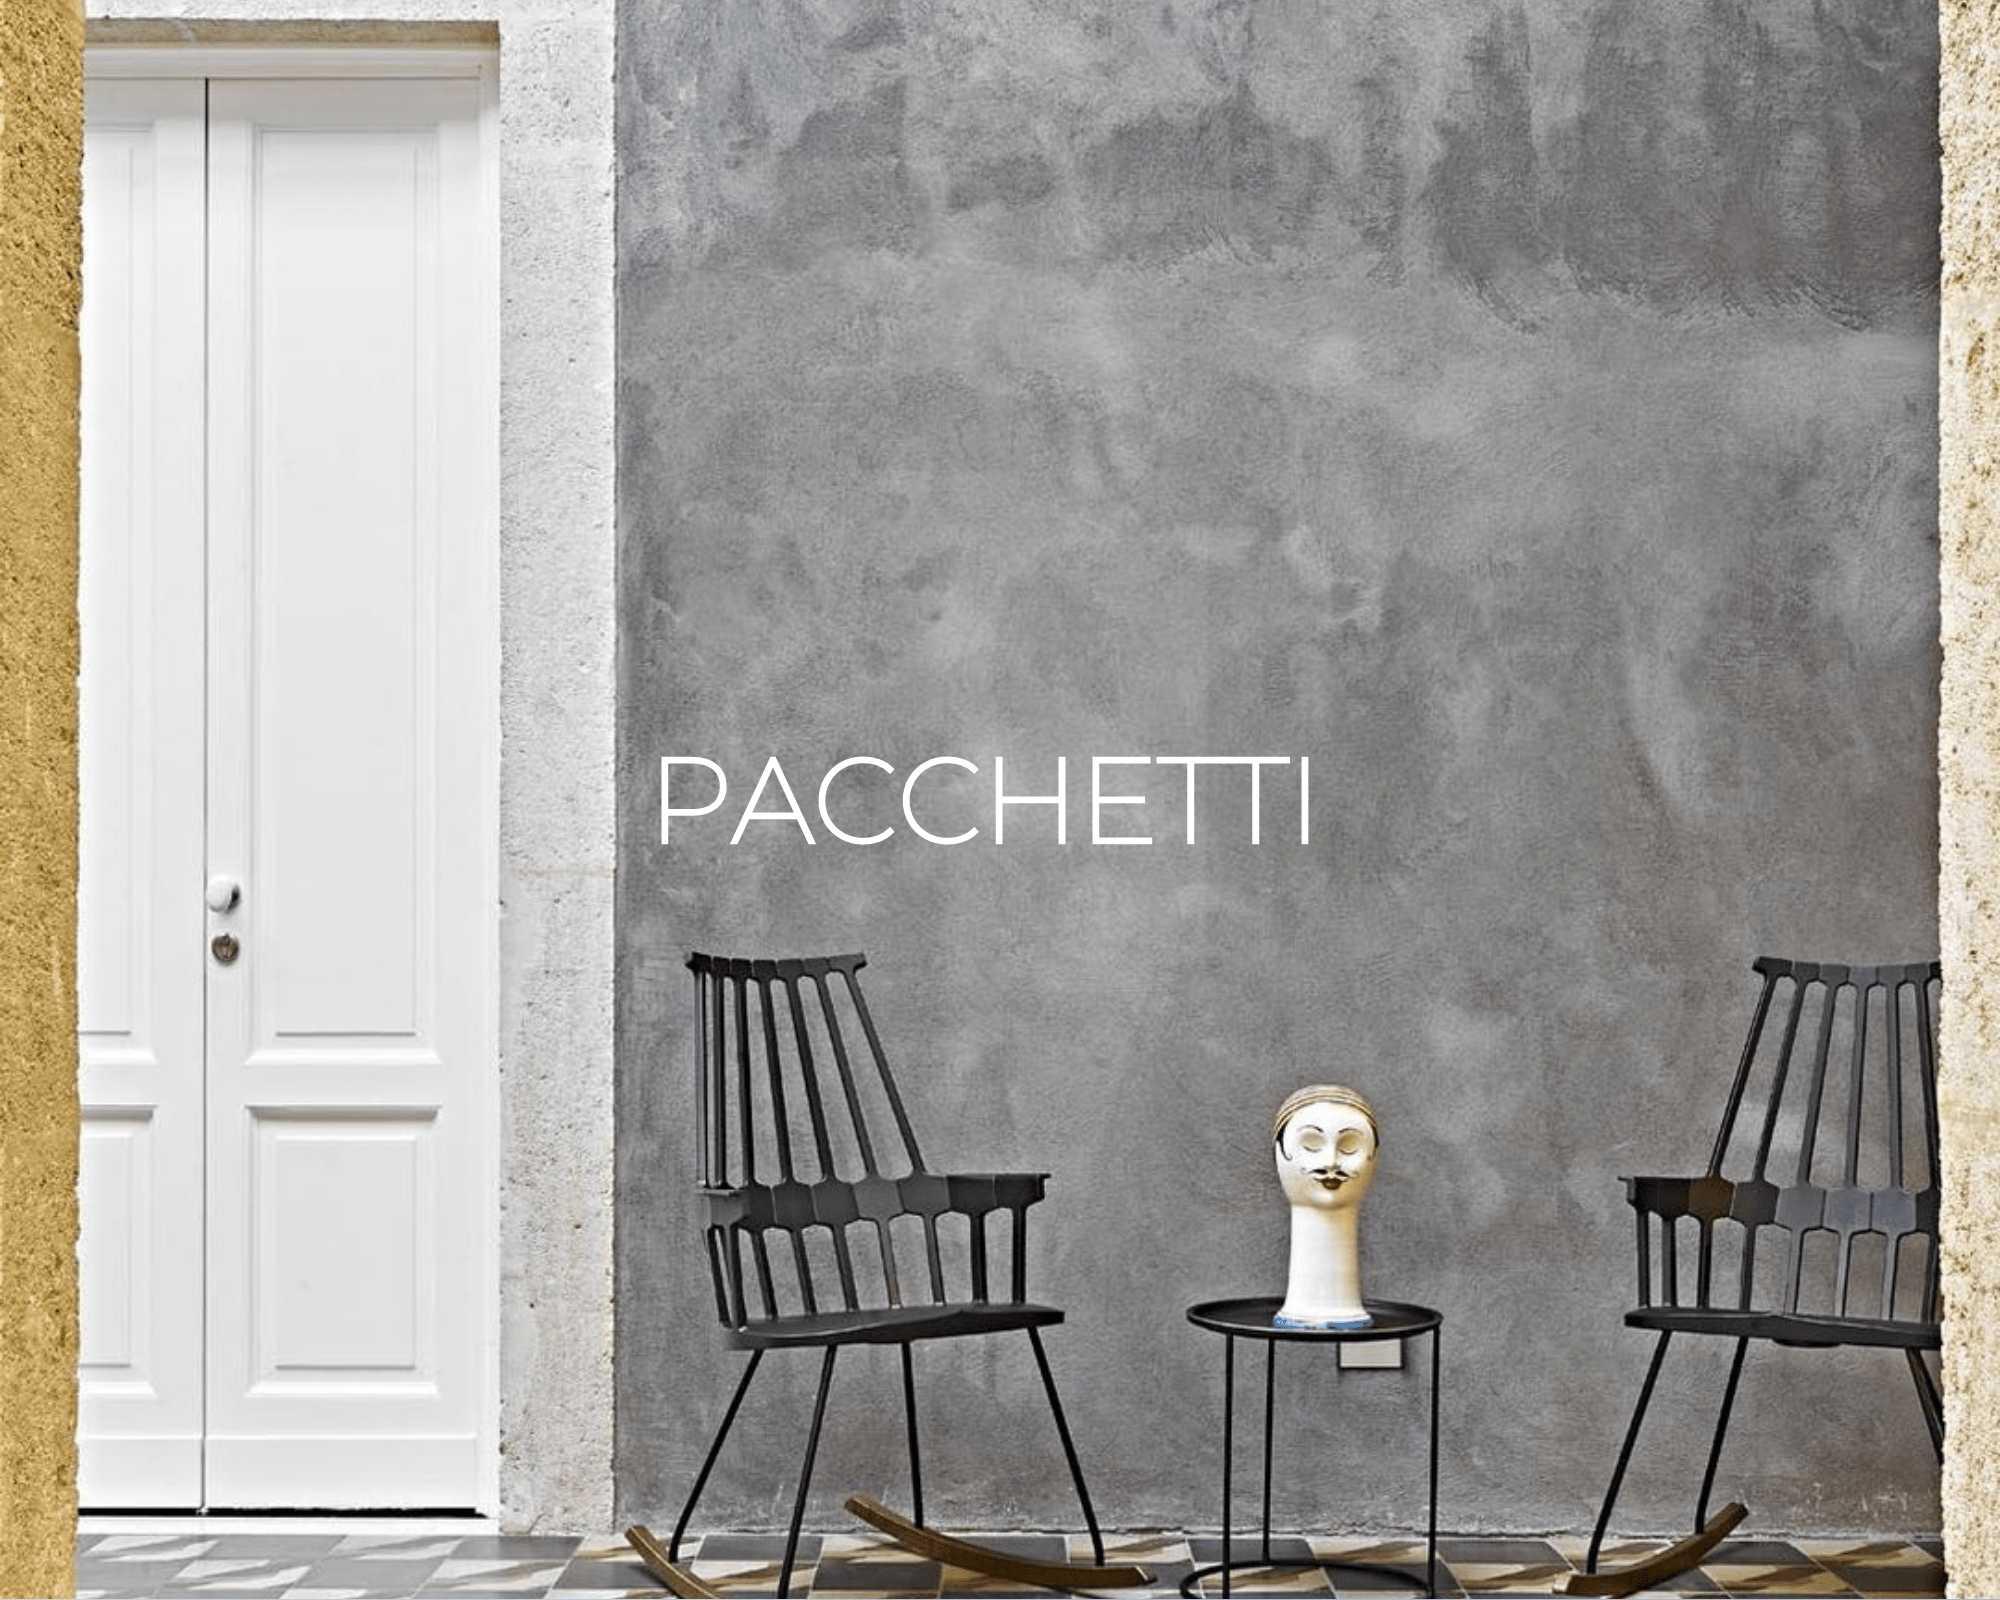 pacchetti_ita